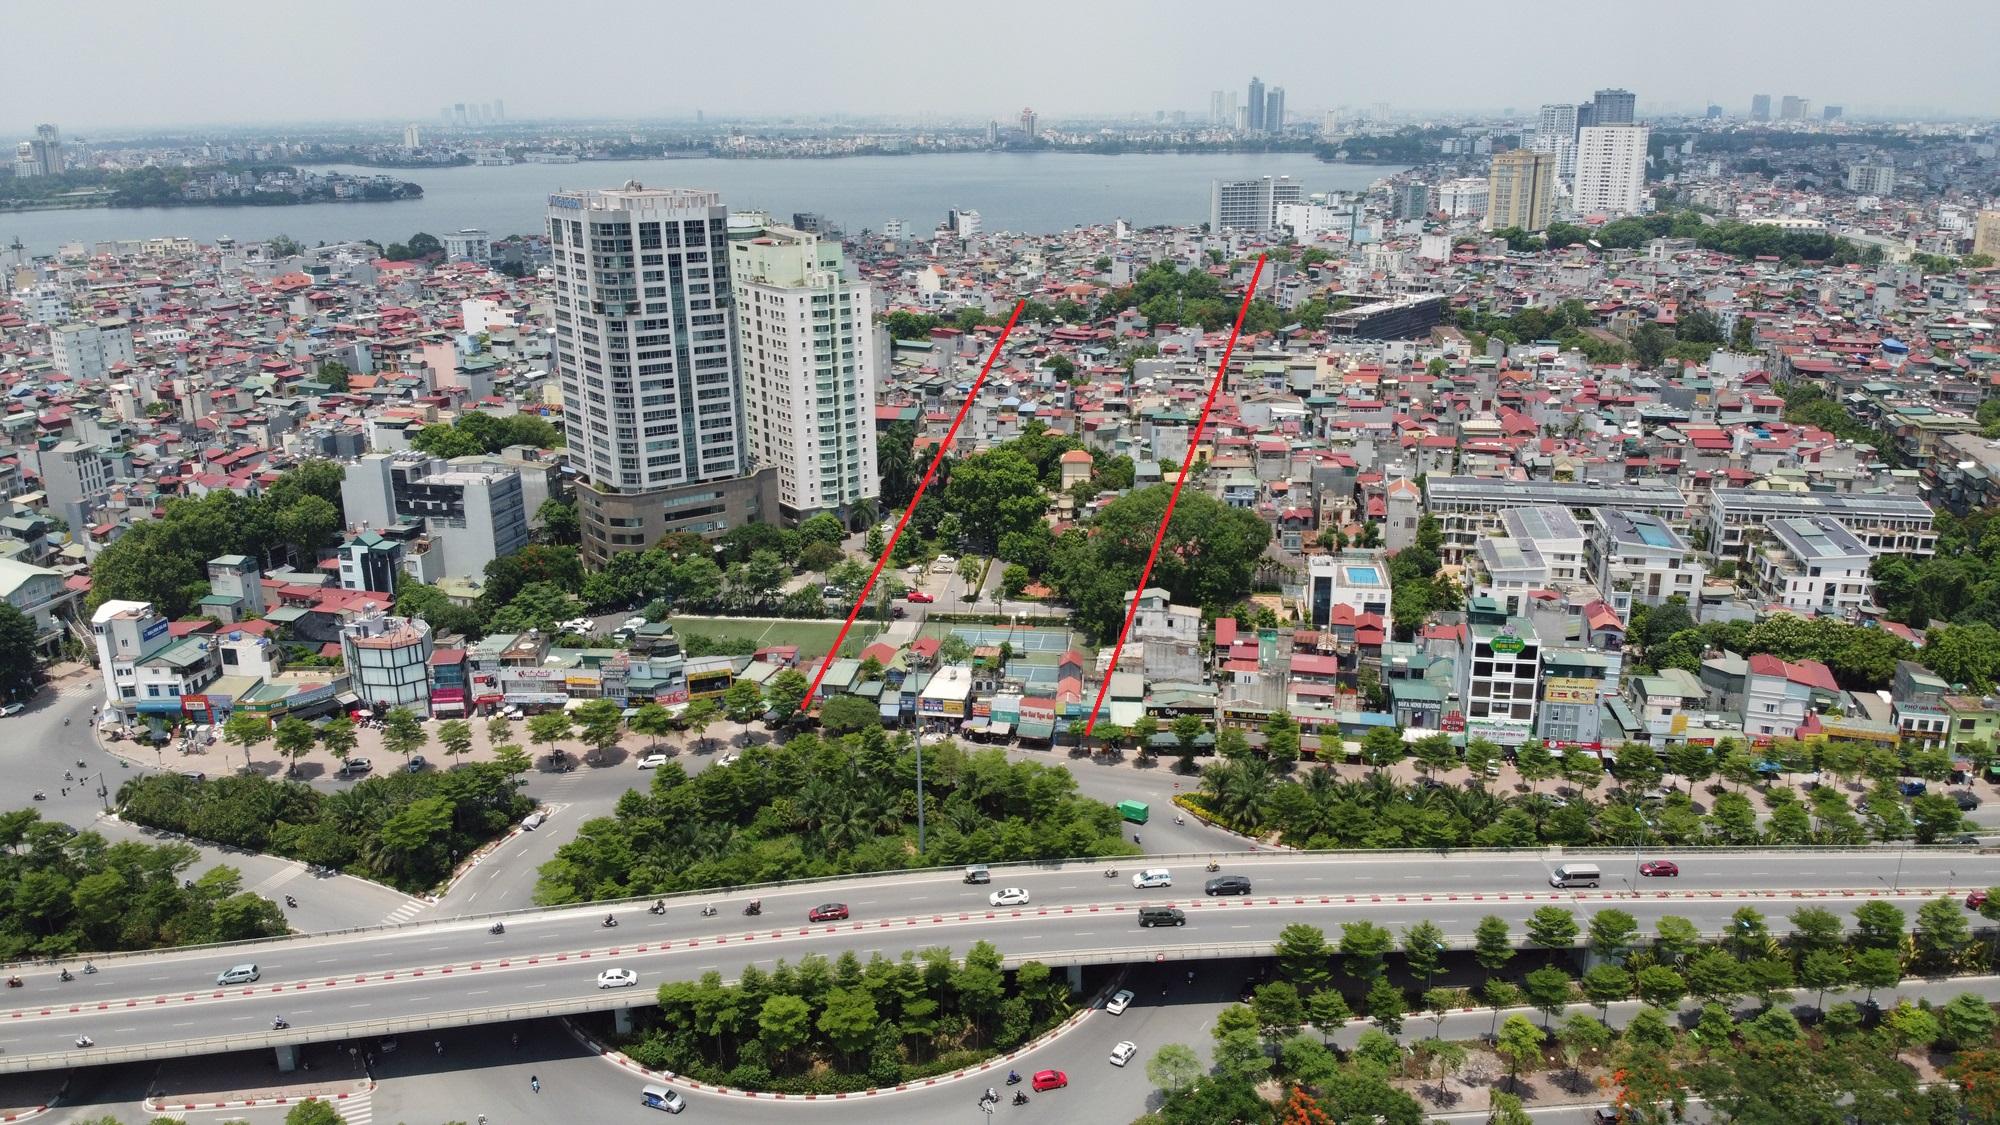 Đường sẽ mở theo qui hoạch ở Hà Nội: Toàn cảnh trục Hồ Tây - Ba Vì đến Vành đai 4 - Ảnh 4.